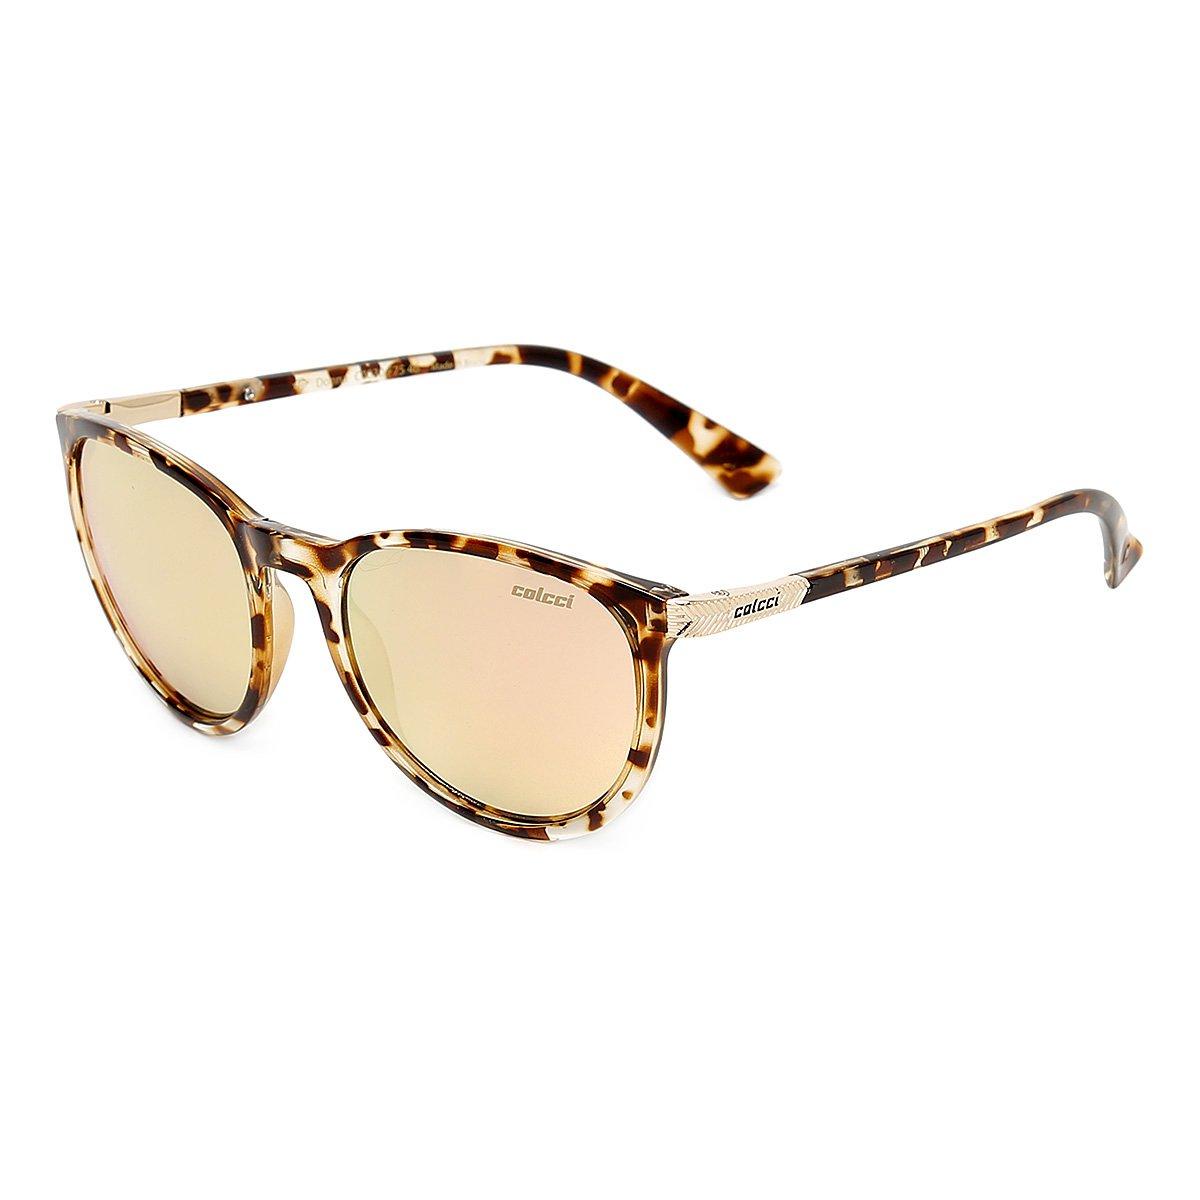 dea52da5d Óculos de Sol Colcci Donna C0030F7546 Feminino - Caramelo | Zattini